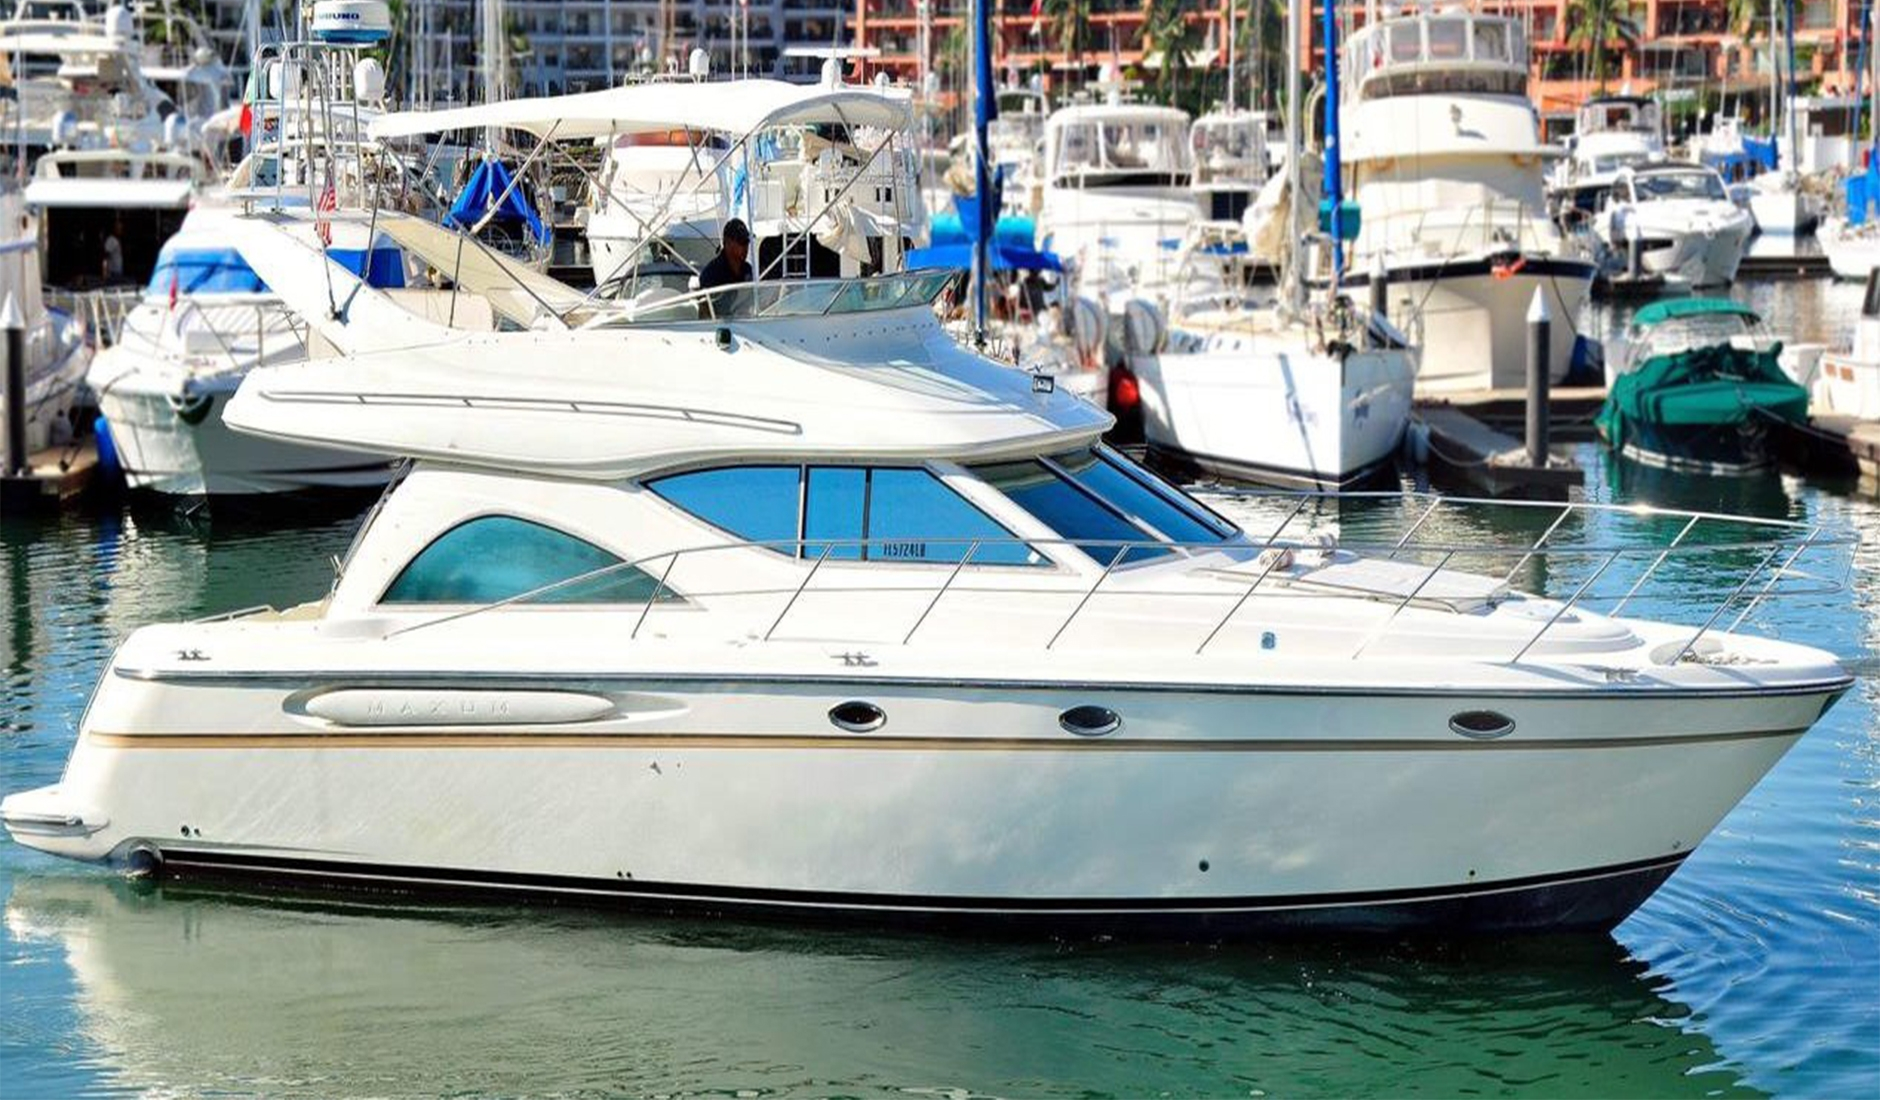 Купить яхту Maxum 46 2000 год